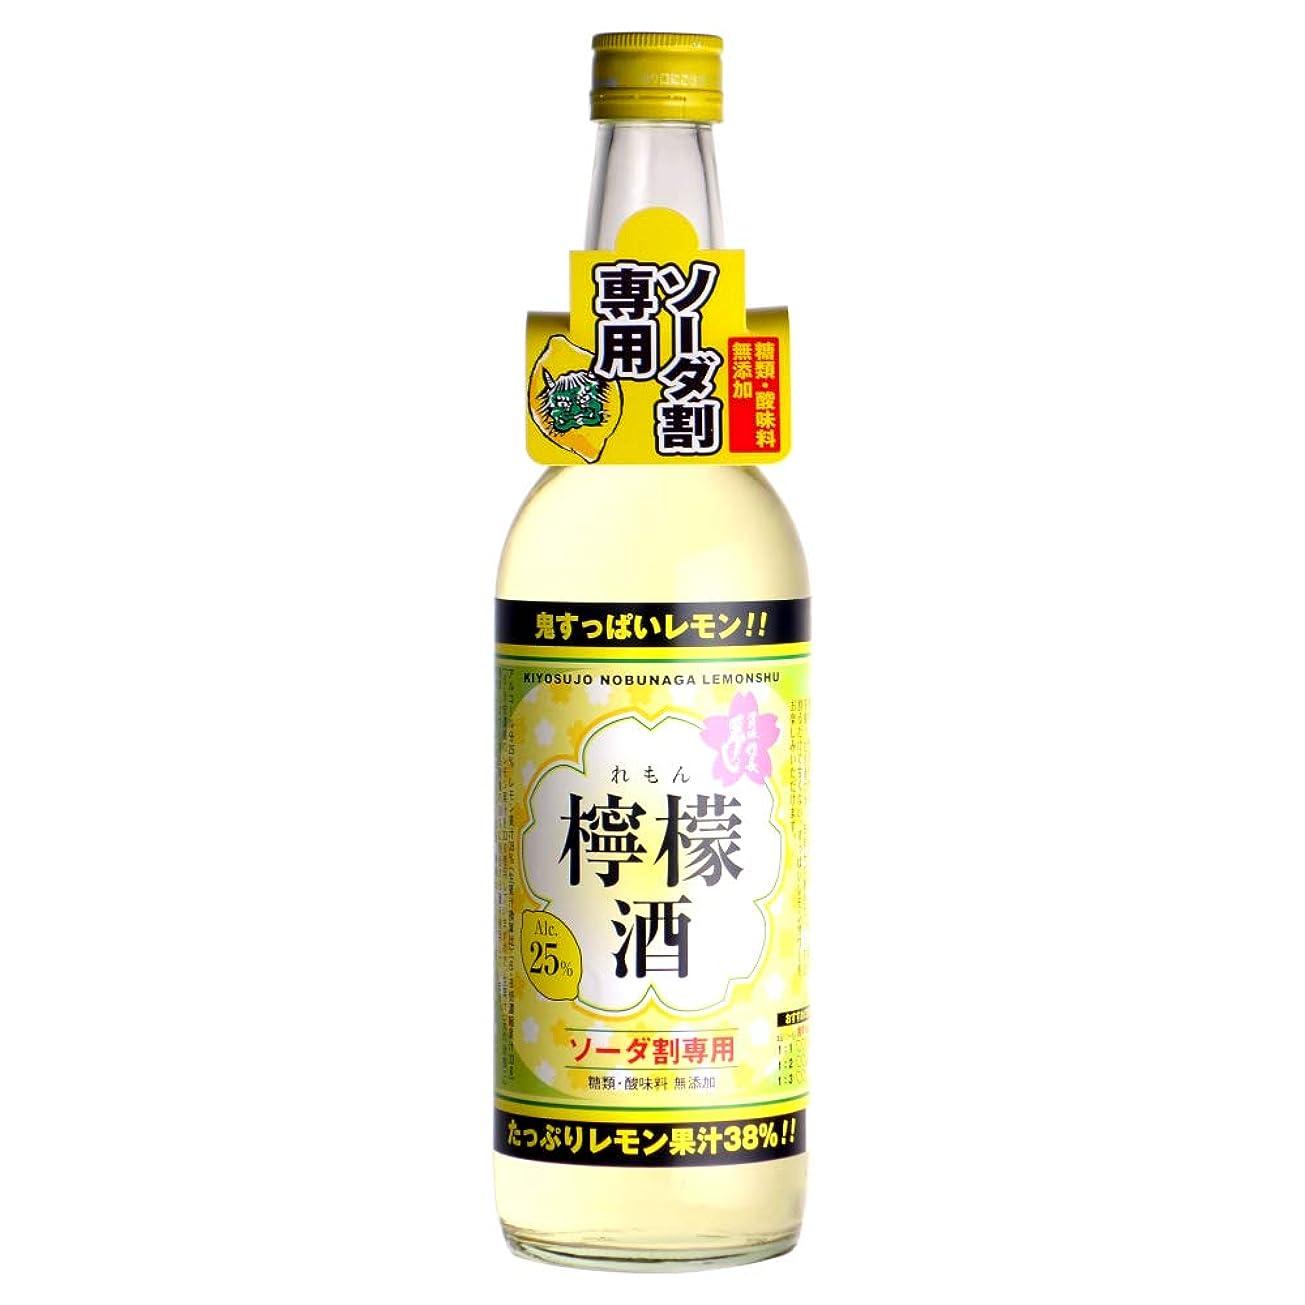 成果より平らな永続清洲城信長 檸檬酒 25度 [ リキュール 600ml×12本 ]